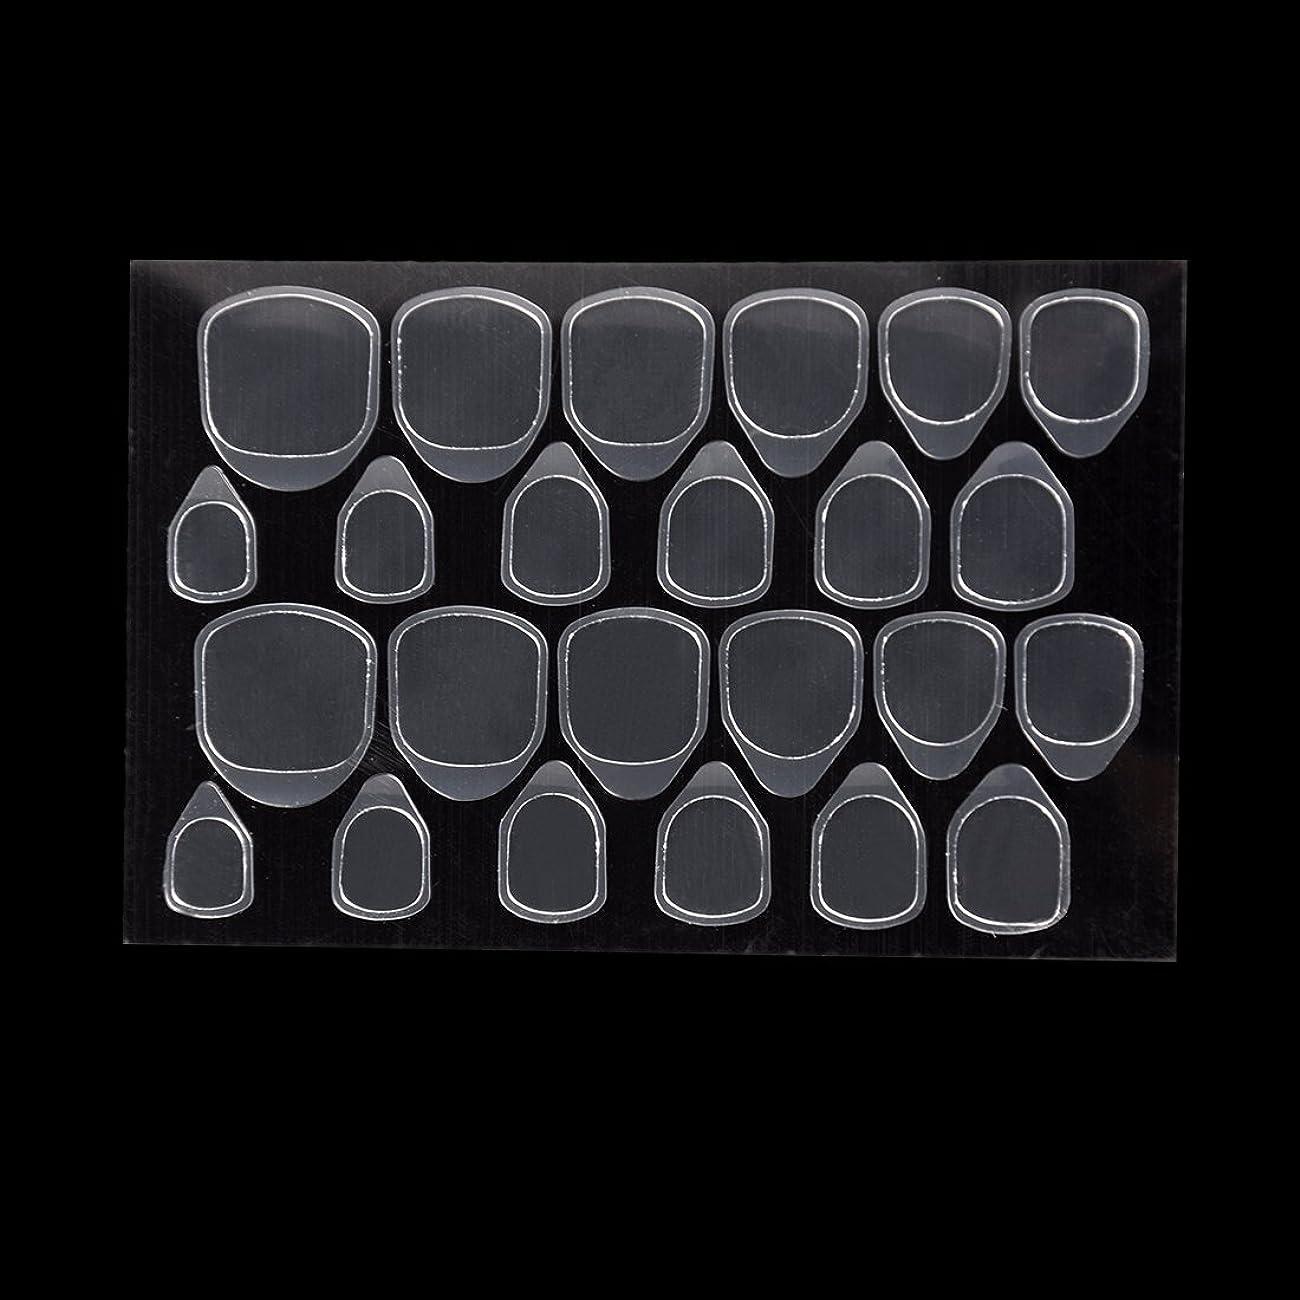 マイルド手荷物恒久的Biutee つけ爪用 両面テープ ネイル 推奨超強力両面テープ ネイル両面接着剤 ネイルチップ用粘着グミ 10枚セット